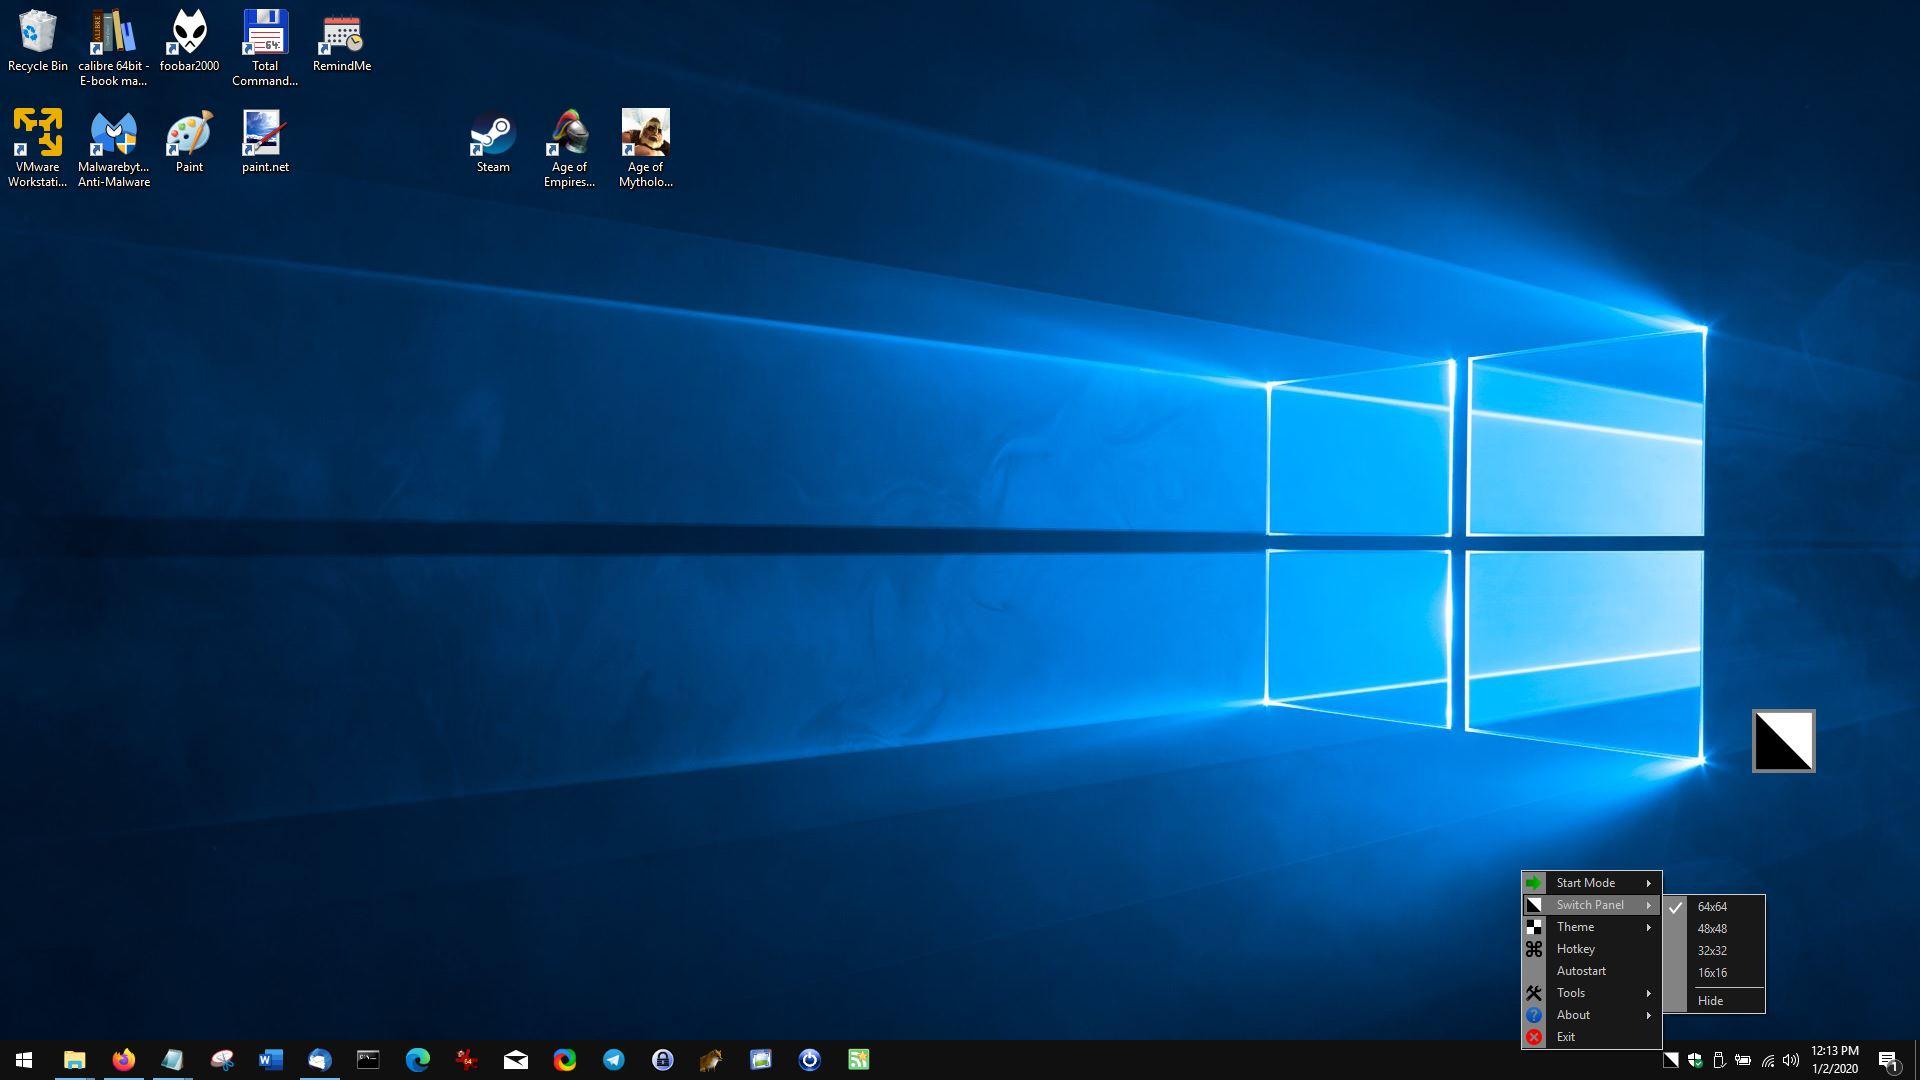 Habilite el tema oscuro en Windows 10 con un solo clic o una tecla de acceso rápido usando el Modo Oscuro Fácil